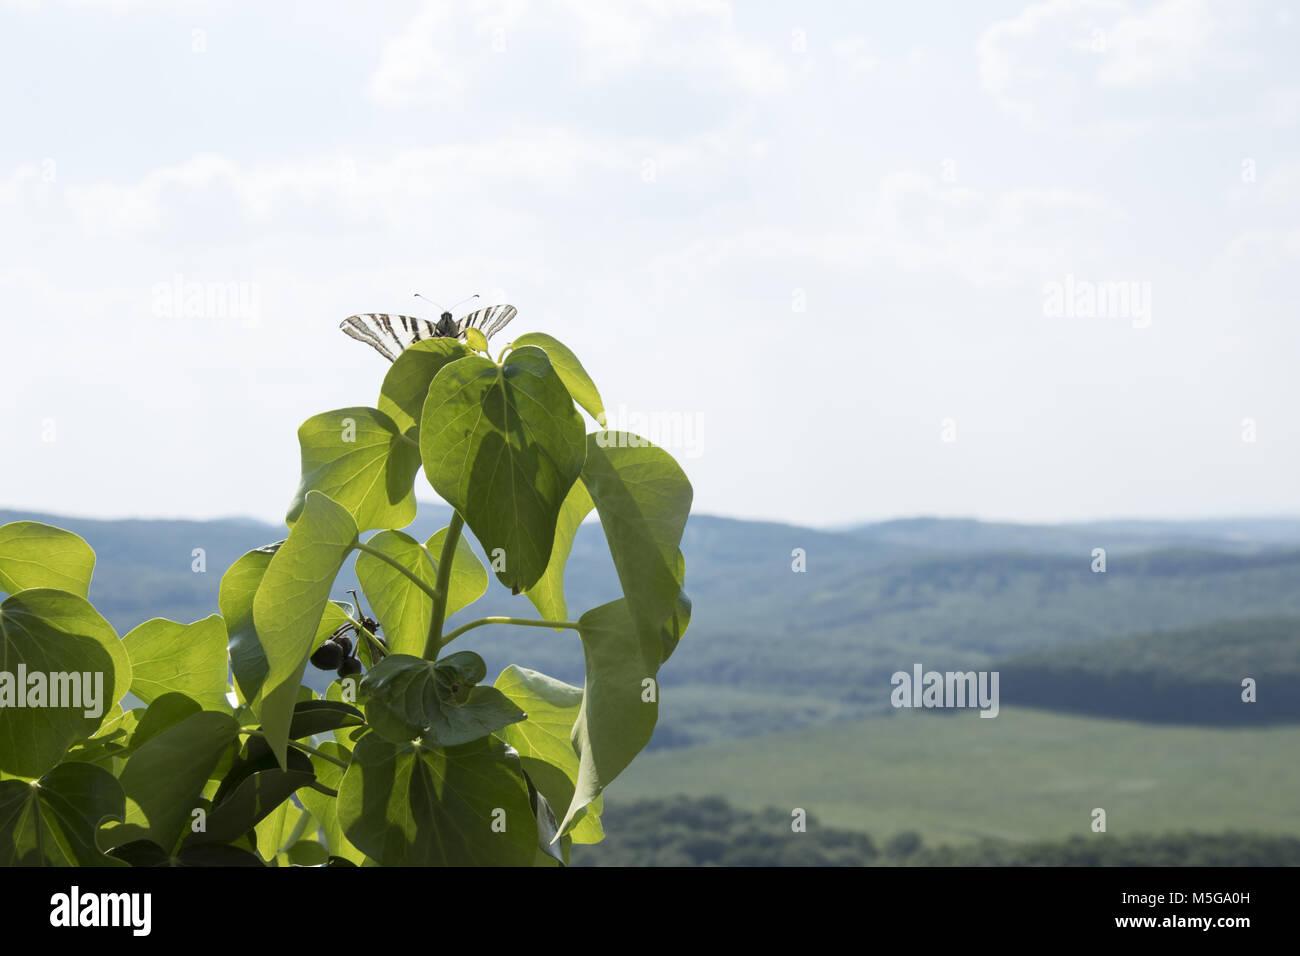 near Hollókő, Hungary - Stock Image